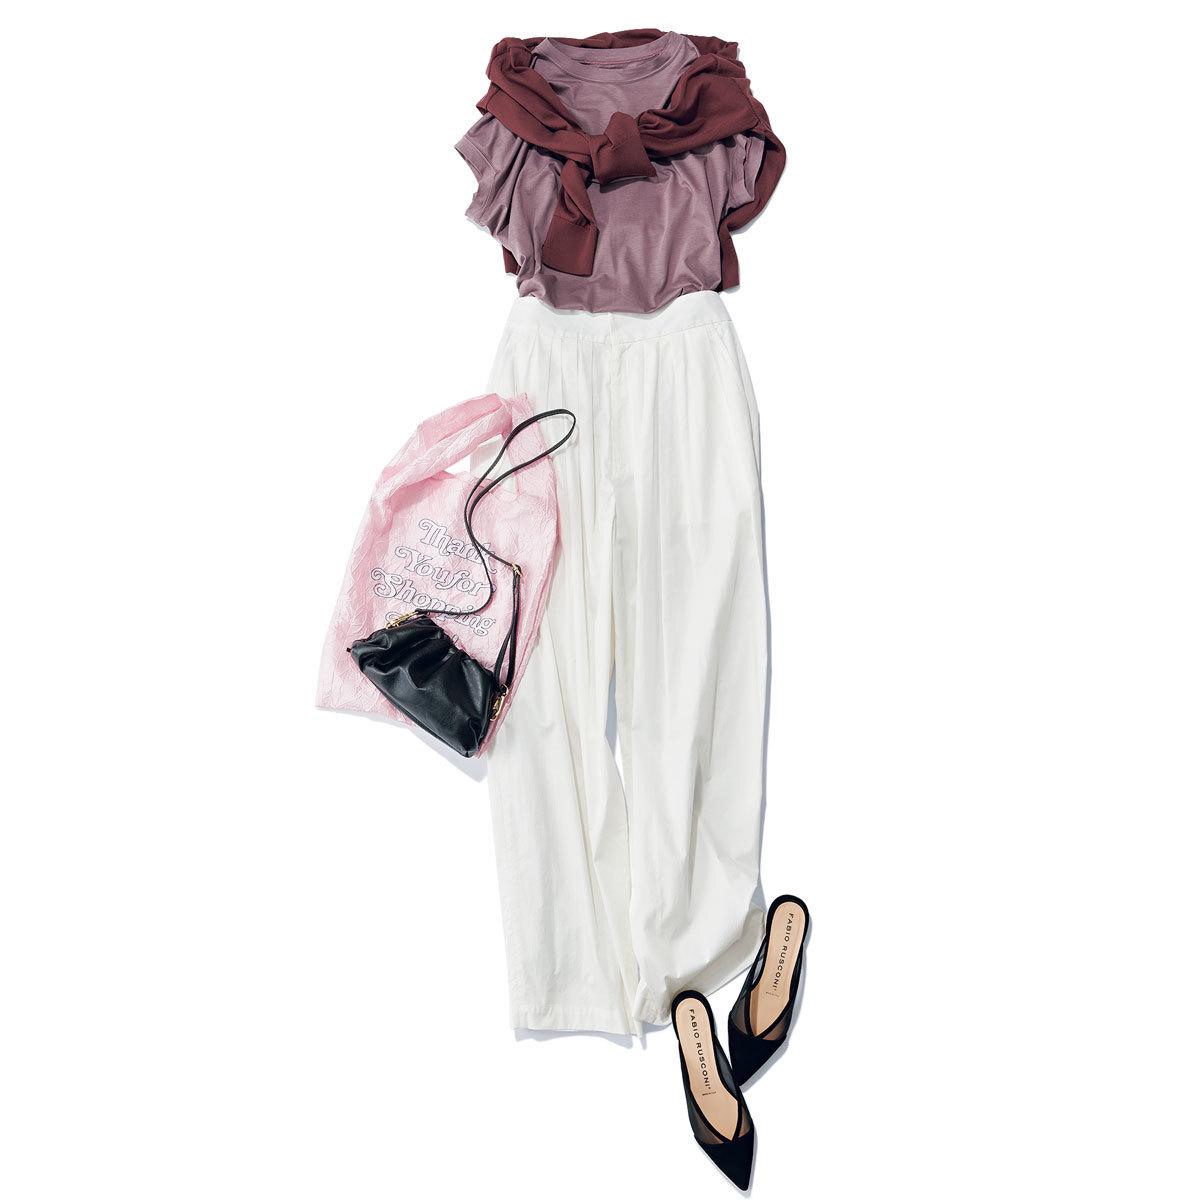 ■カオスのモーブピンクTシャツ × タック入りの白パンツ